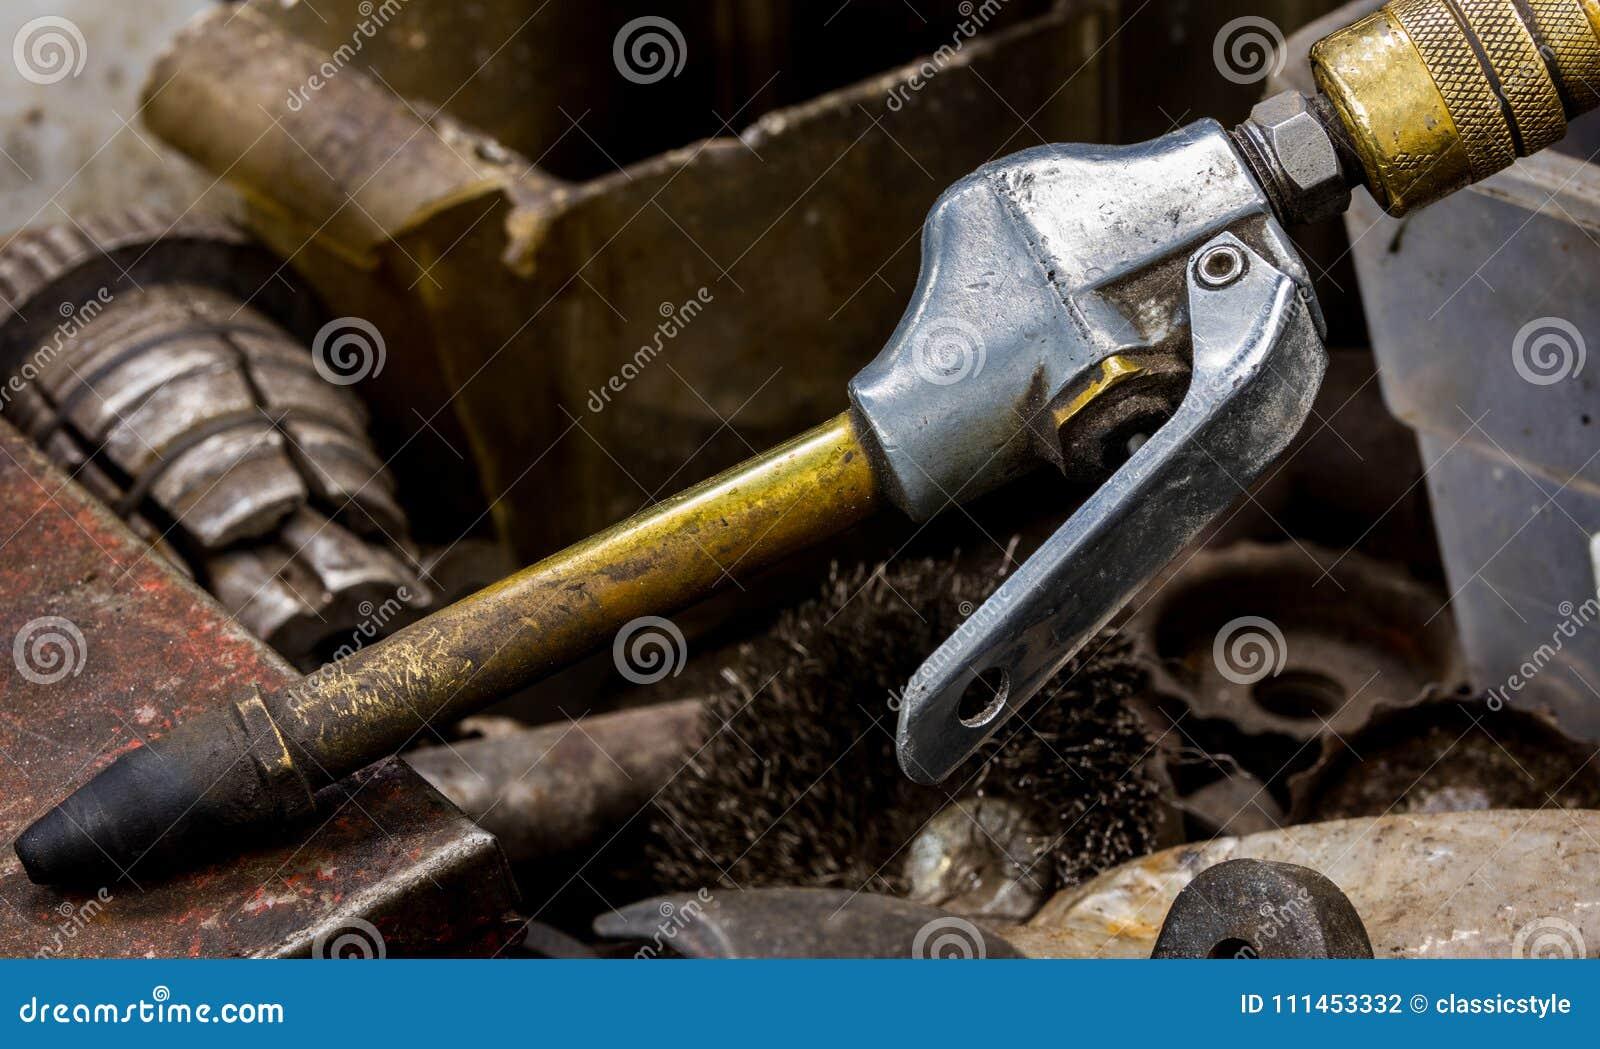 Rocznika maszynowego sklepu lotniczego kompresoru węża elastycznego antykwarski automobilowy nozzle z mosiężną szyją gumową porad